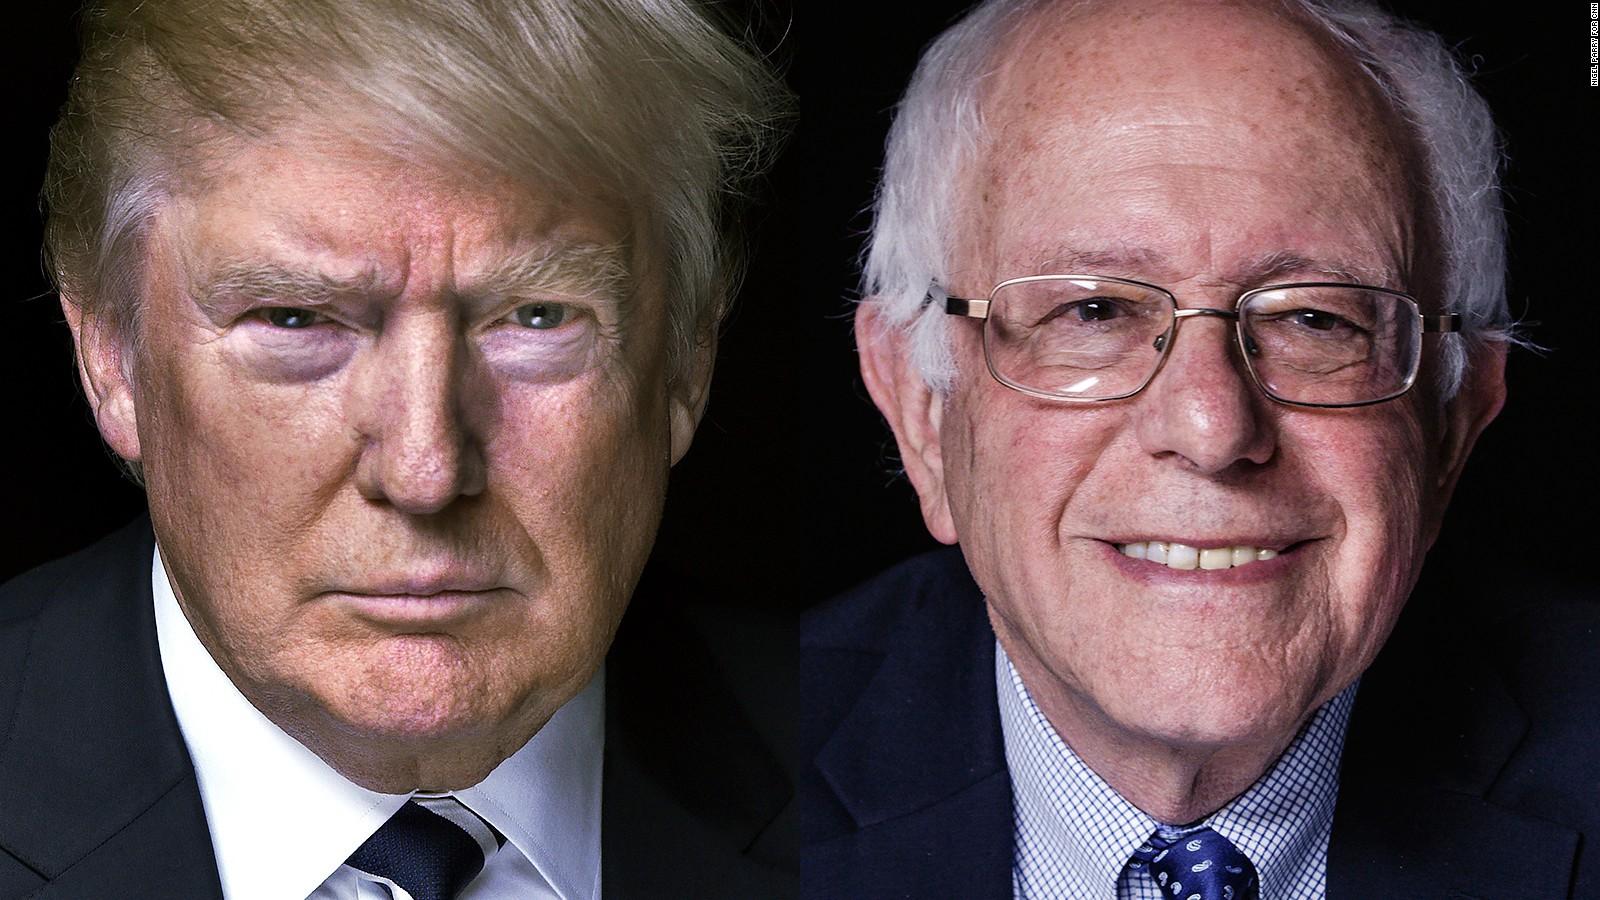 مراحل آخر انتخابات مقدماتی ریاستجمهوری آمریکا/پیروزی بیامید سندرز و تثبیت موقعیت ترامپ